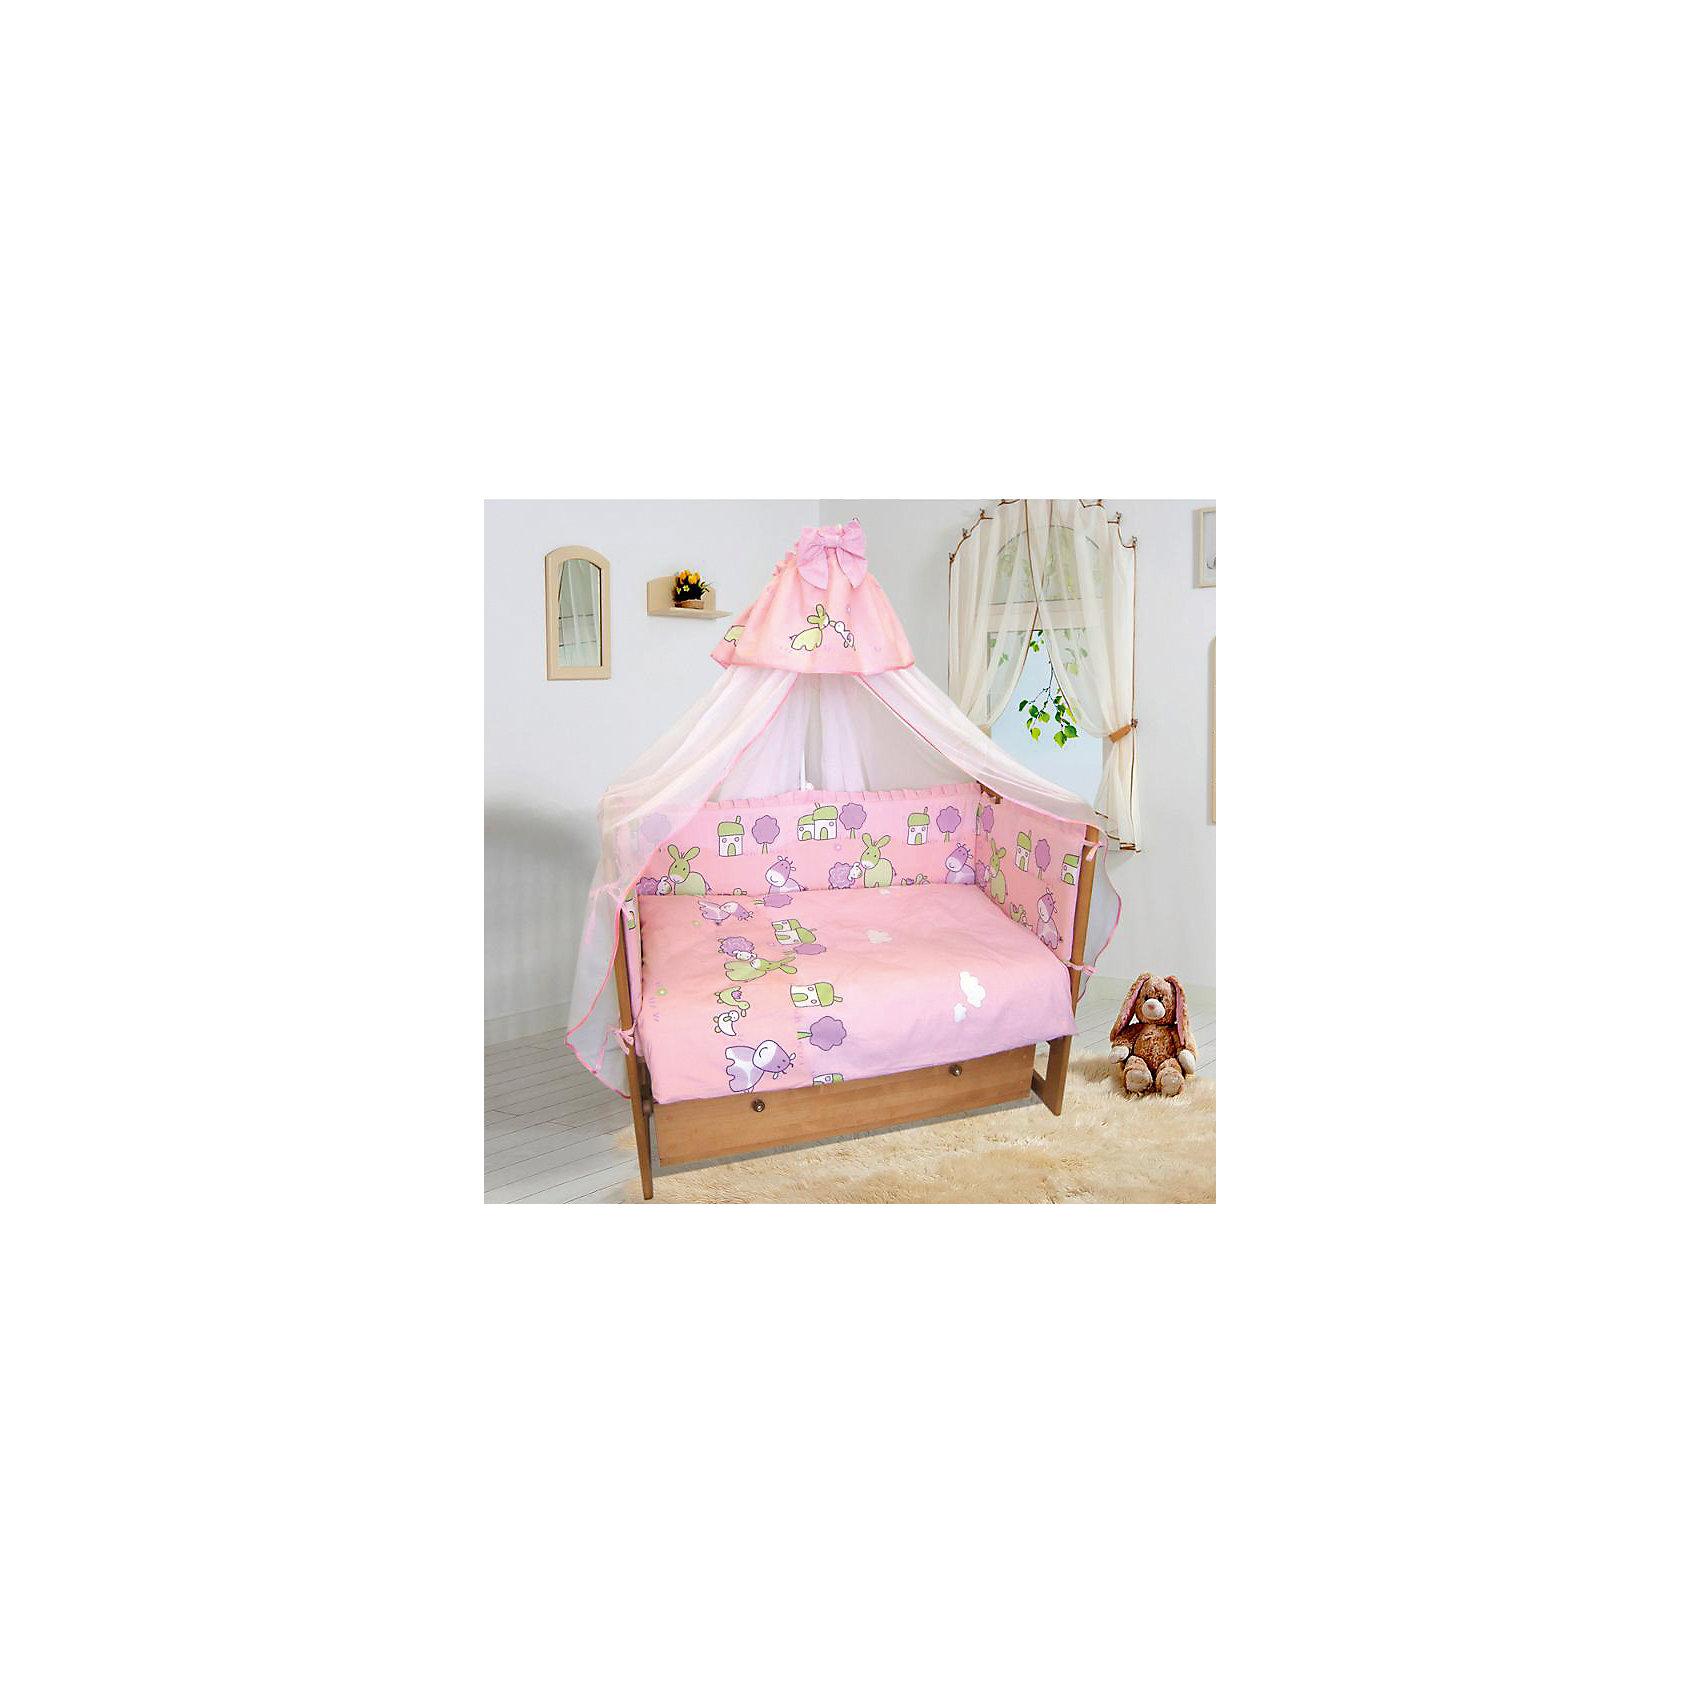 Постельное белье Веселая ферма 6 пред., Soni kids, розовыйКрасивый и очень нежный комплект детского постельного белья состоящий из 6 предметов.<br><br>Такой комплект станет прекрасным подарком для родителей и малыша! <br><br><br>Дополнительная информация:<br><br>- Размеры: <br> Одеяло 140х110 см.<br> Пододеяльника 142х112 см.<br> Бортик на всю кроватку.<br> Простынке на резинке 150х90 см.<br> Подушка 40х60 см.<br> Наволочка 40х60 см. <br>- Возраст: до 3 лет.<br>- Состав: 100% высококачественный хлопок.<br>- Материал: поплин.<br>- Наполнитель: импортный гладко окрашенный сатин.<br>- Цвет: розовый.<br>- Размер упаковки: 25х60х45 см.<br>- Вес в упаковке: 1200 г.<br><br>Купить постельное белье Веселая ферма от Soni kids в розовом цвете,  можно в нашем магазине.<br><br>Ширина мм: 250<br>Глубина мм: 600<br>Высота мм: 450<br>Вес г: 1200<br>Возраст от месяцев: 0<br>Возраст до месяцев: 36<br>Пол: Женский<br>Возраст: Детский<br>SKU: 4905945